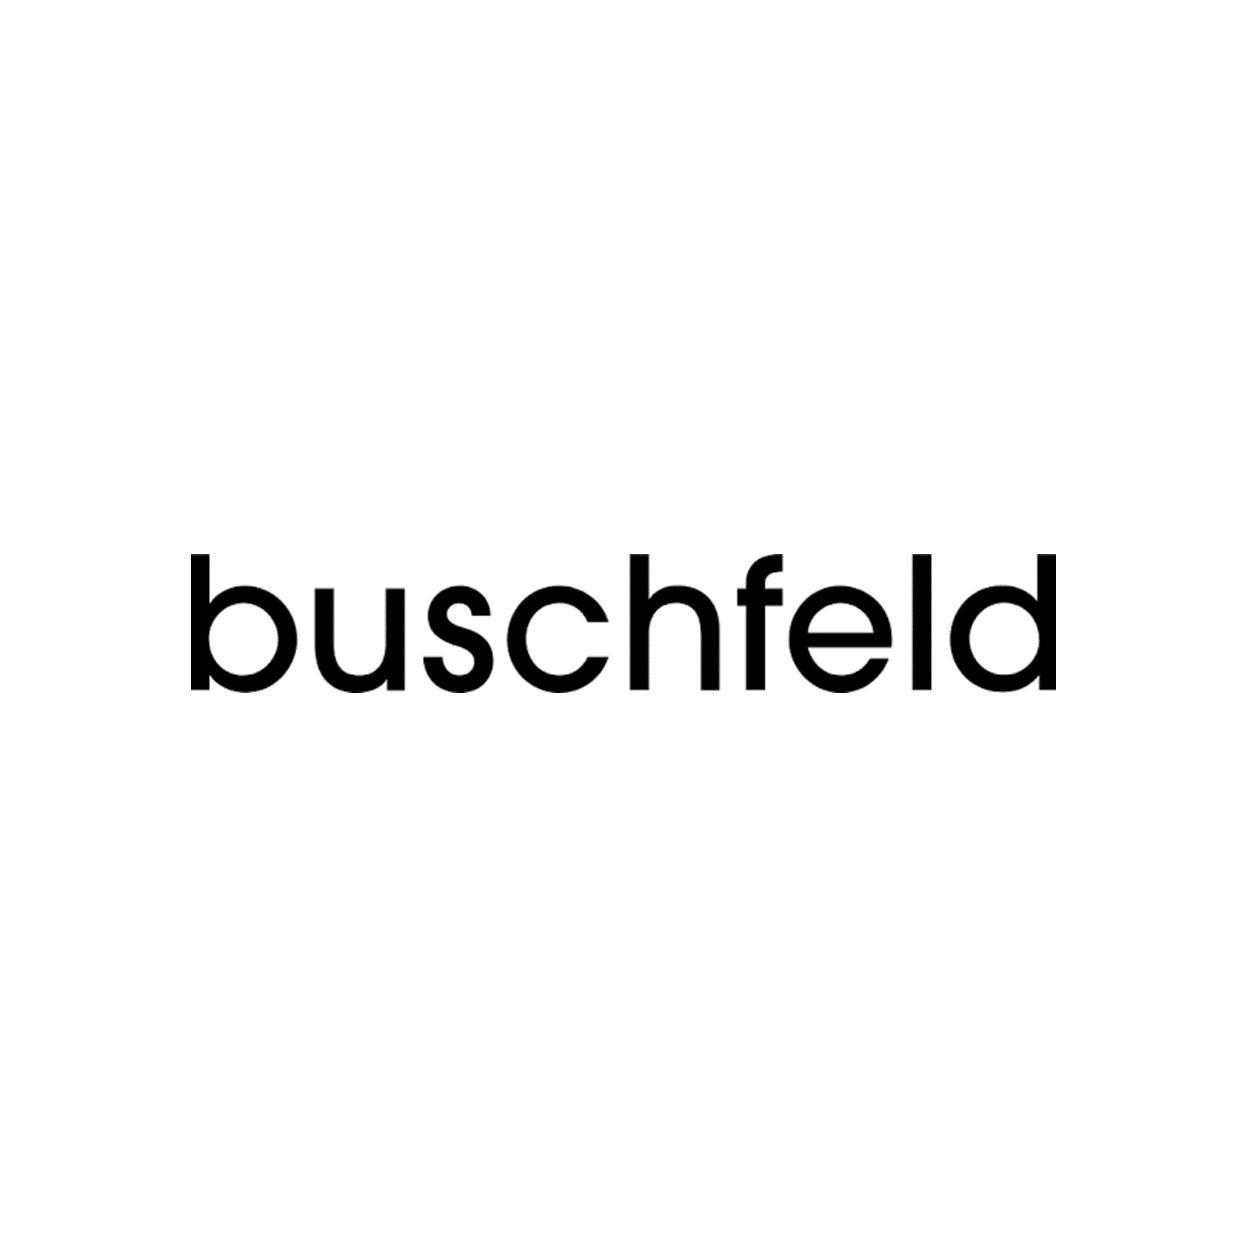 Buschfeld - Objekte Licht & Raum GmbH in Hamburg